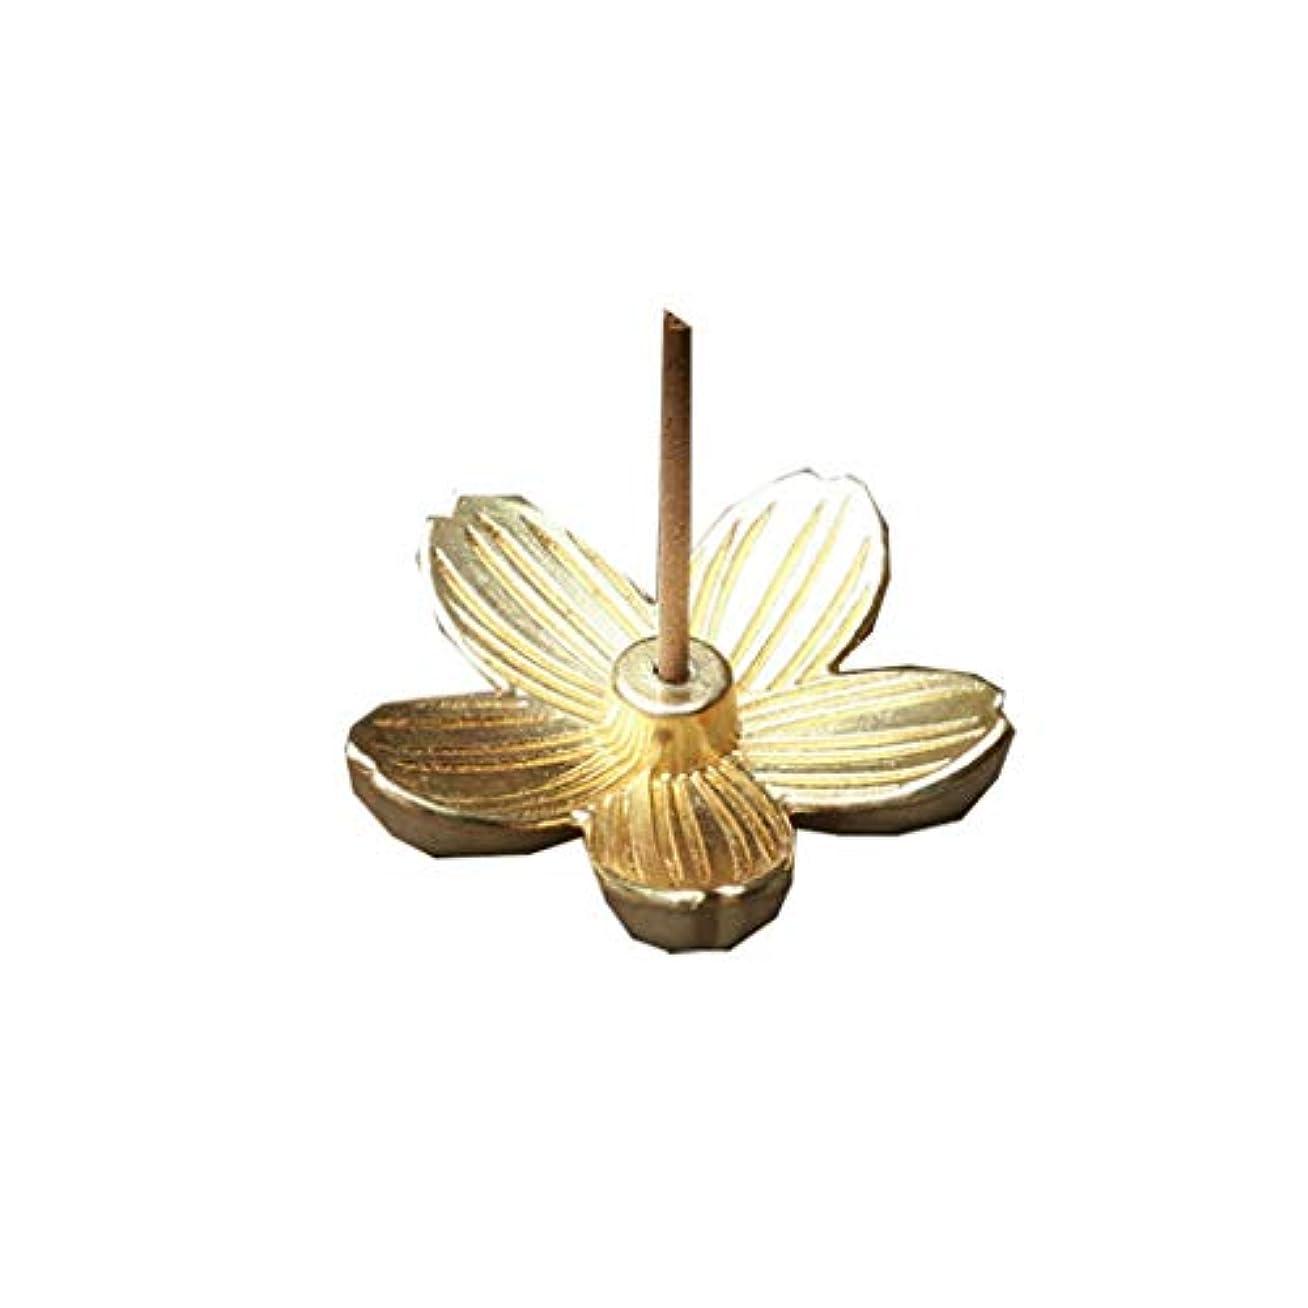 通貨プロット少年クリエイティブヴィンテージ銅アートさくら型の香炉香スティックコーンホルダーホーム仏教の装飾誕生日お香ホルダー (Color : Gold, サイズ : 1.14*1.14inchs)